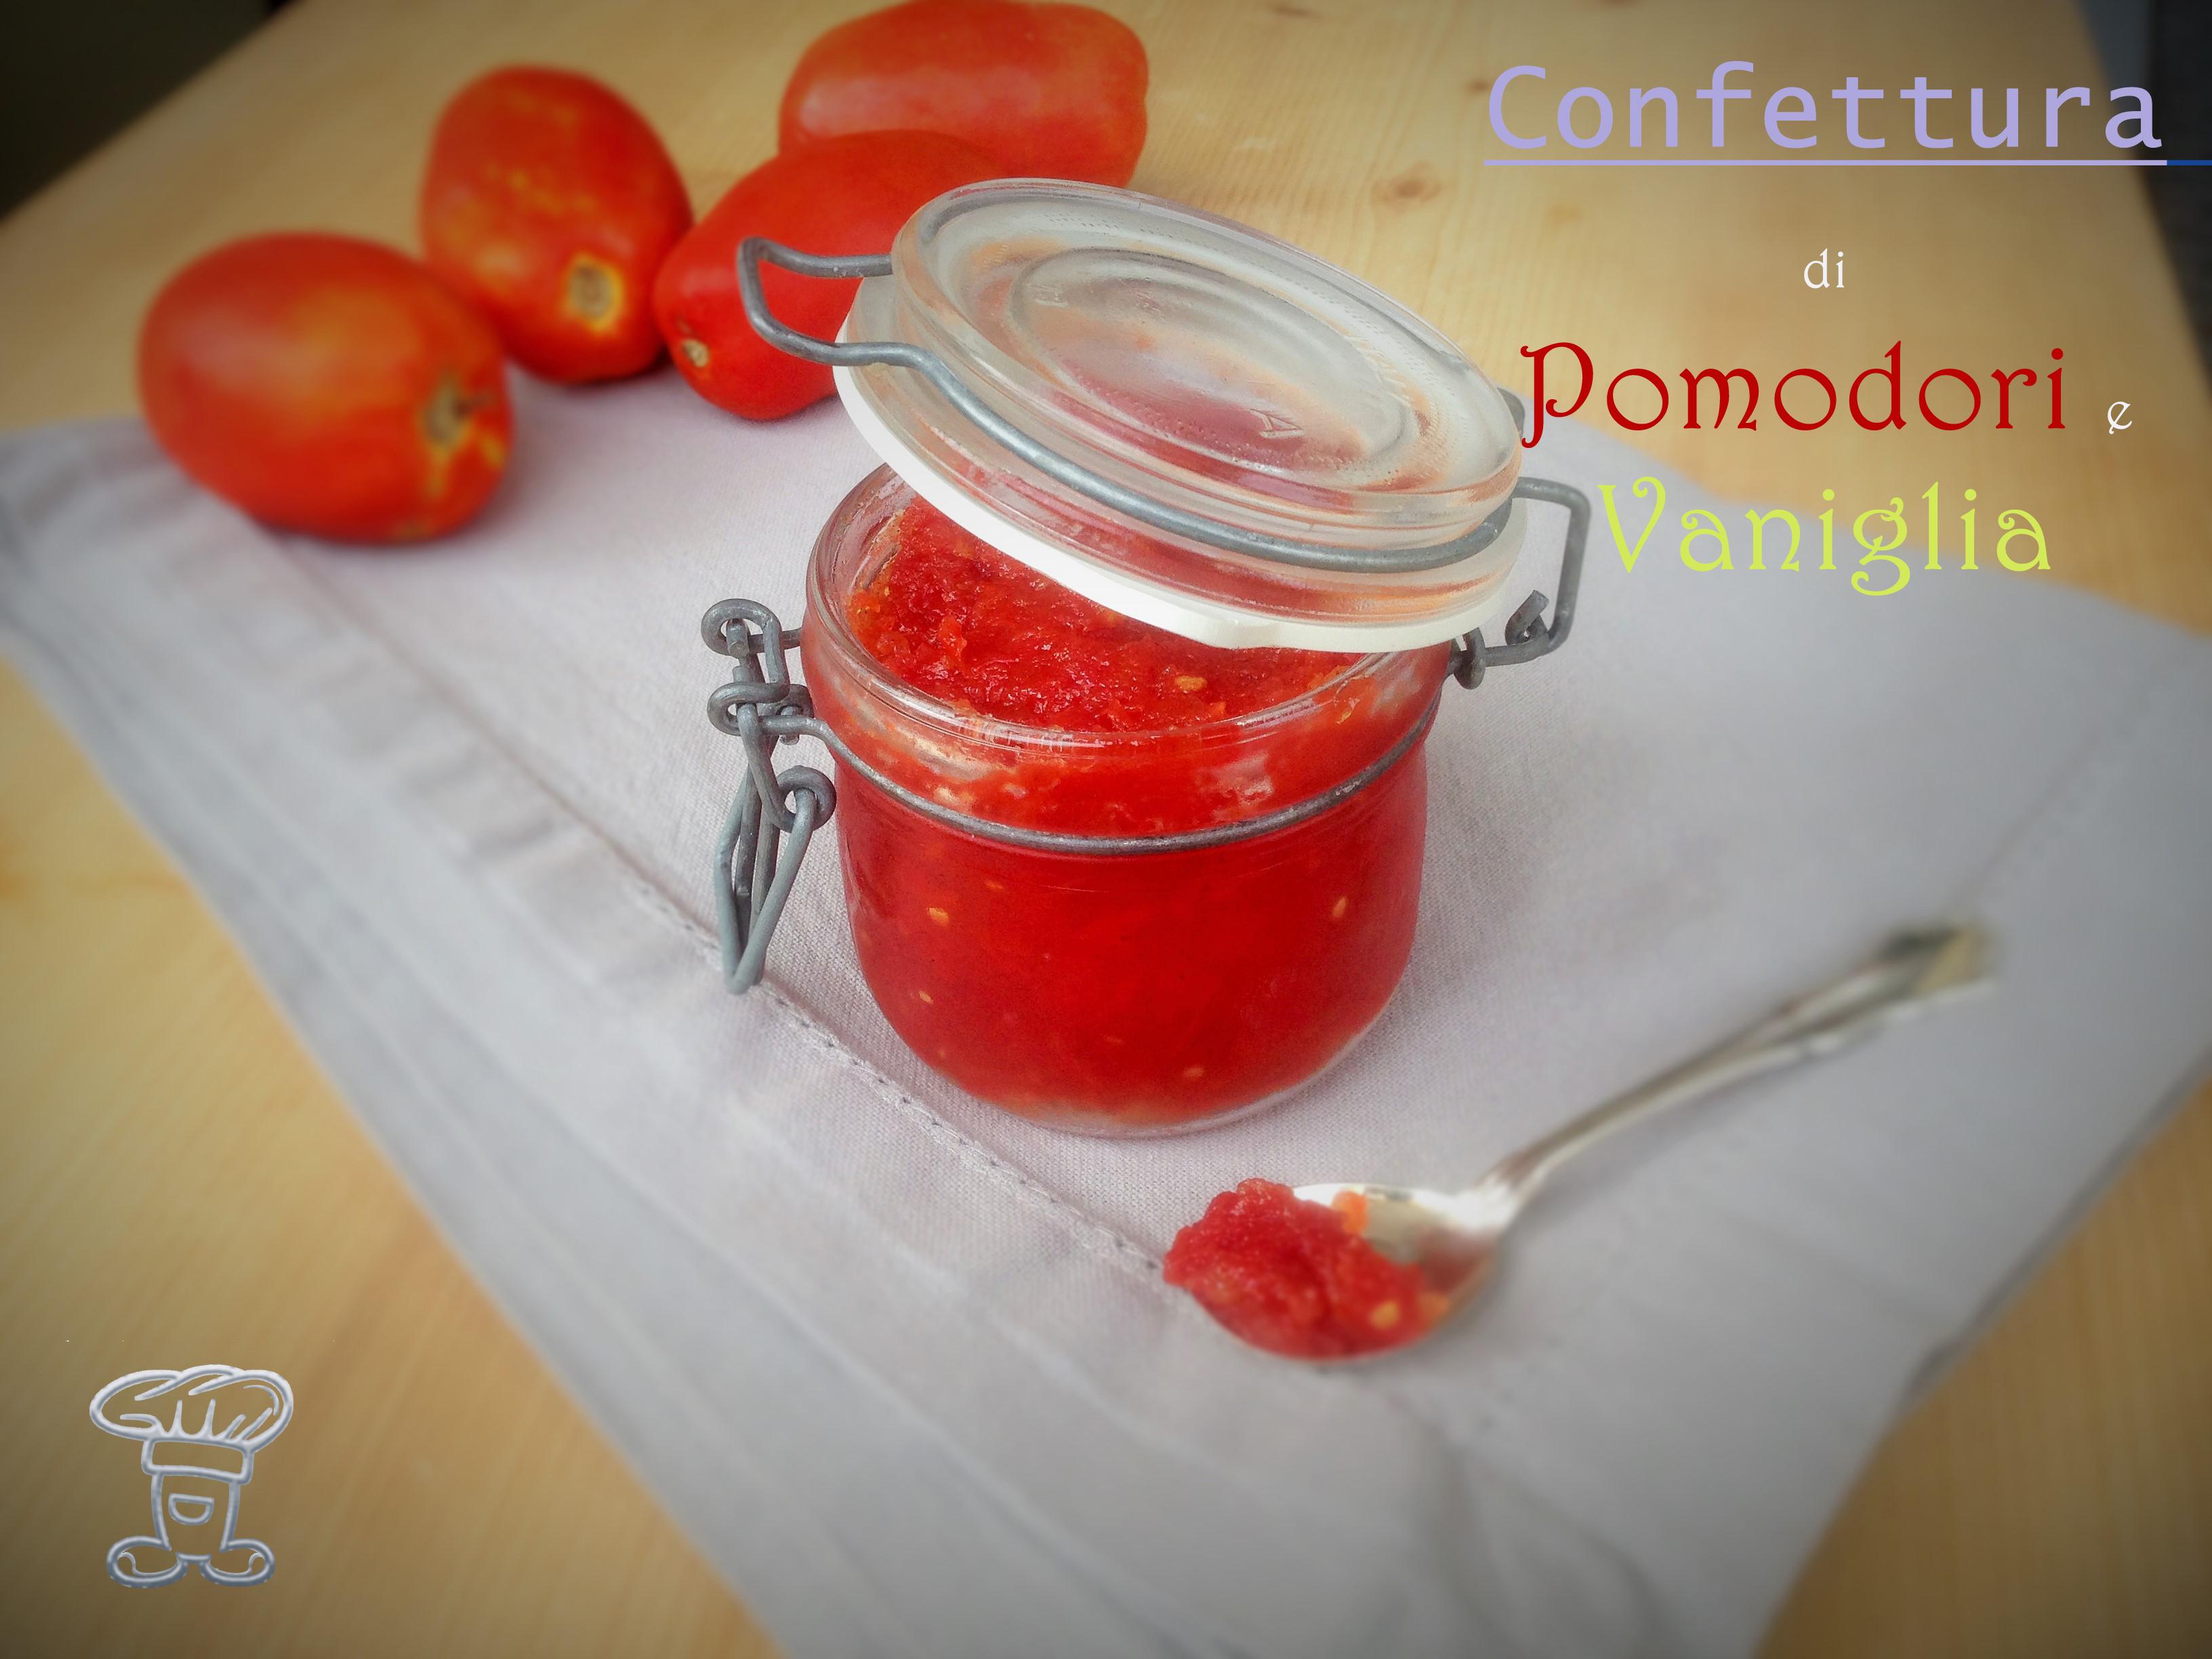 img_3959 Confettura di Pomodori e Vaniglia